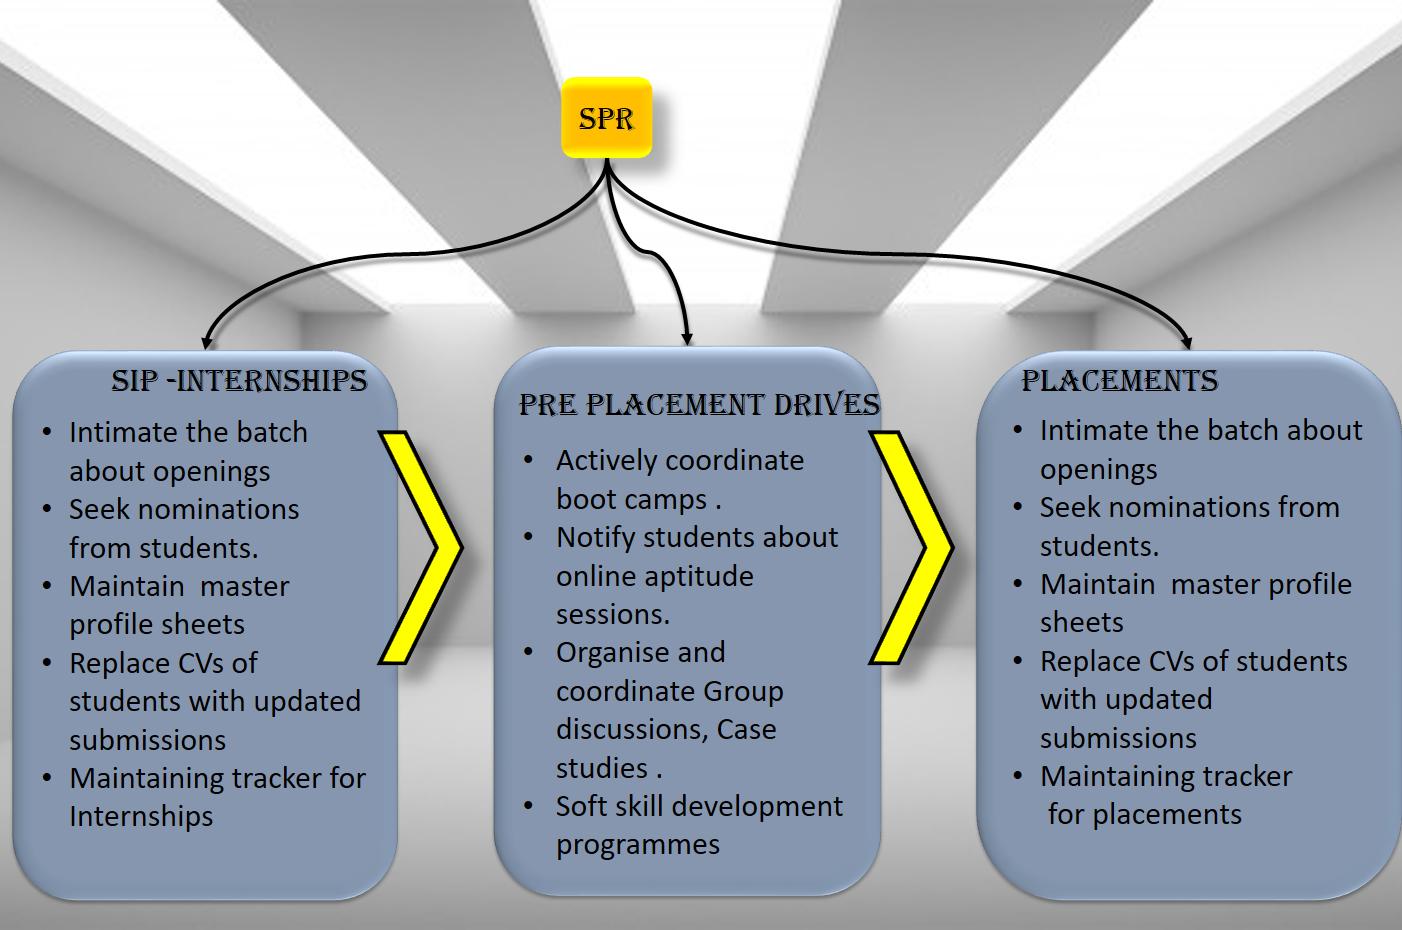 Job description - 3 Phases